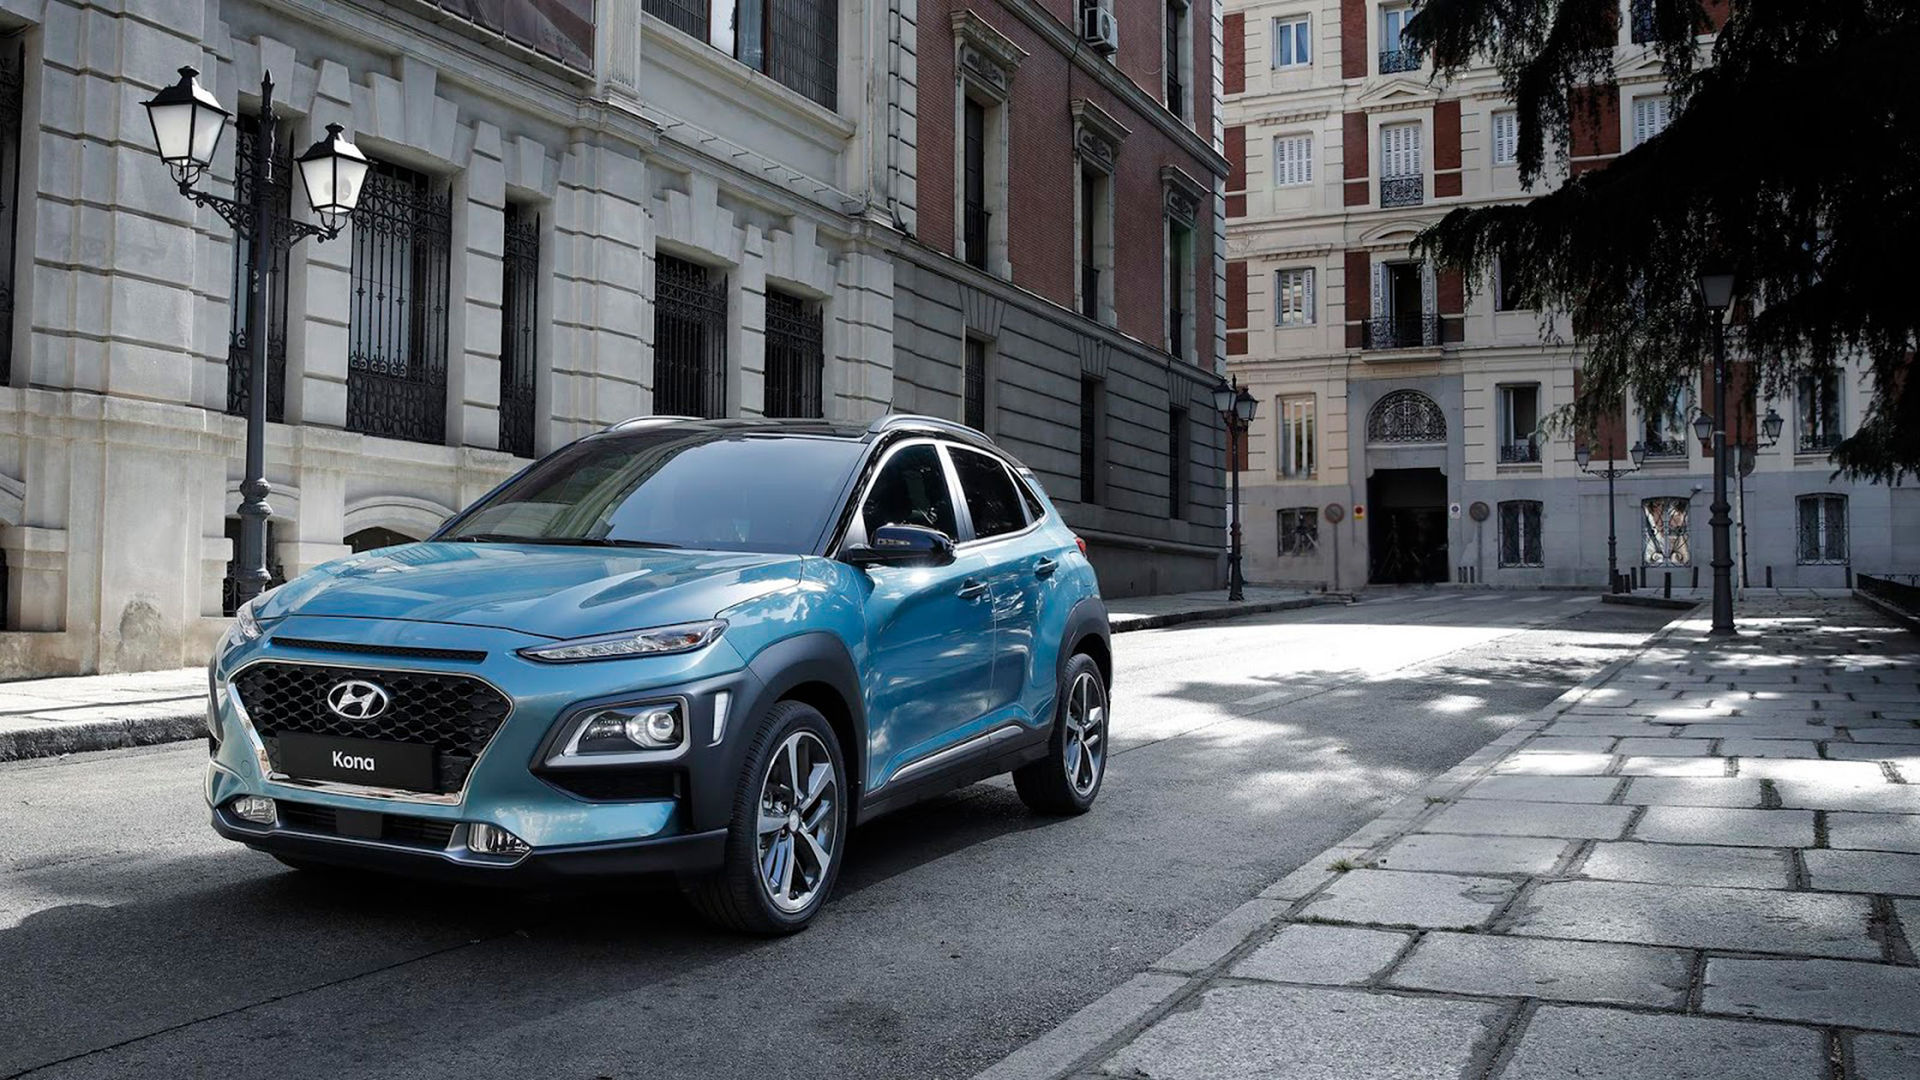 Hyundai visar den kompakta suven Kona